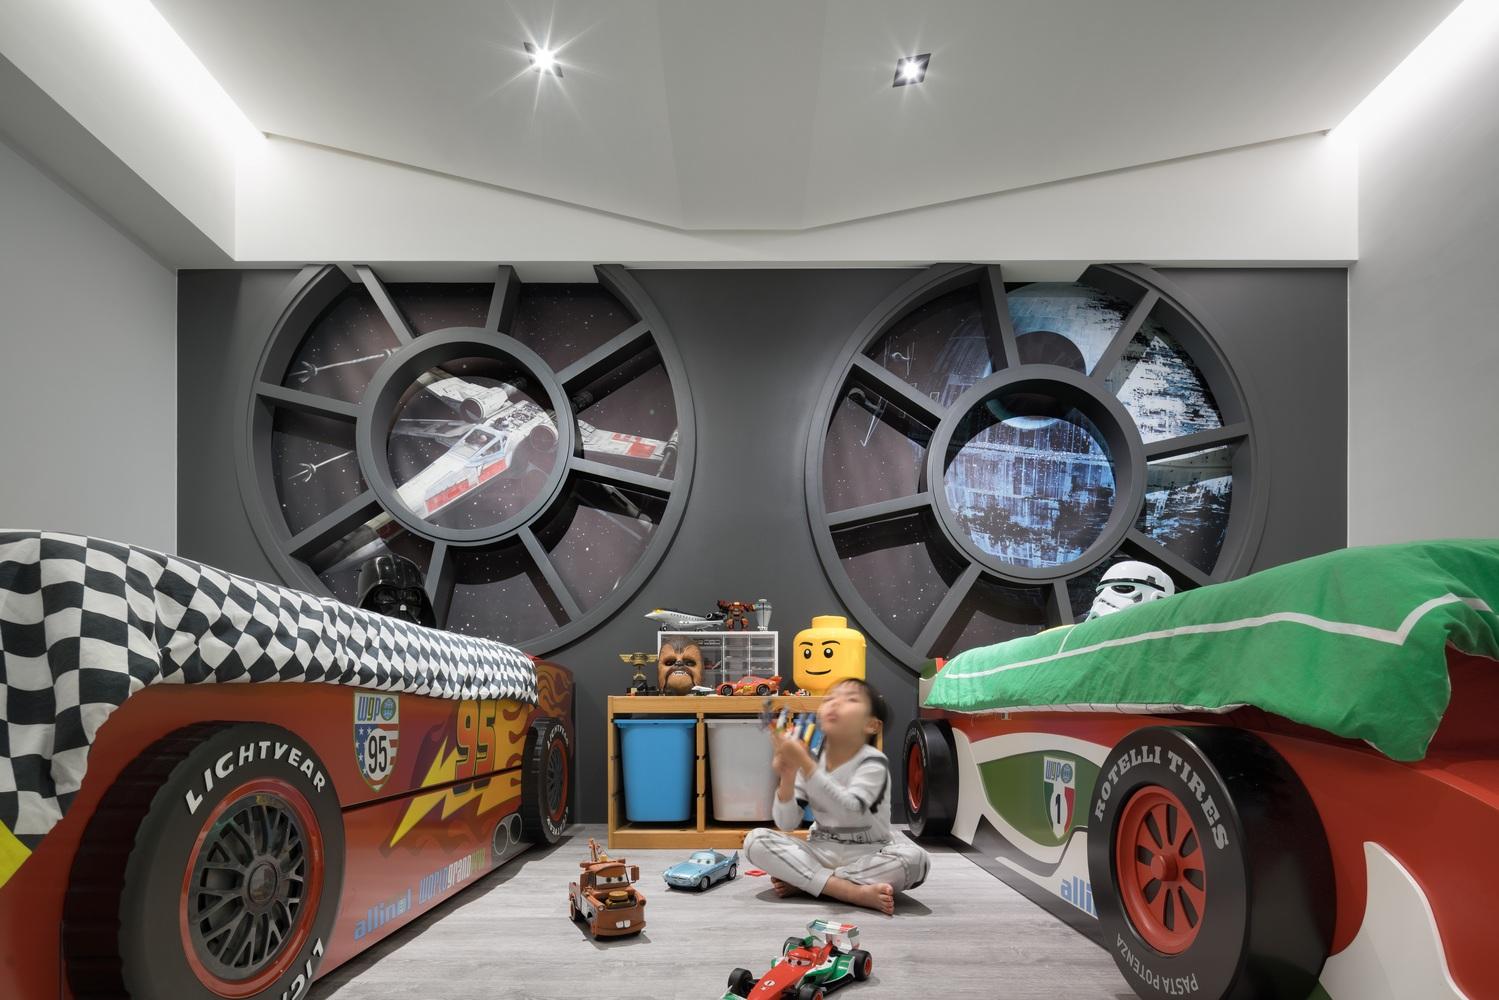 10-star-wars-casa-inspirada-na-saga-surpreende-com-design-sofisticado